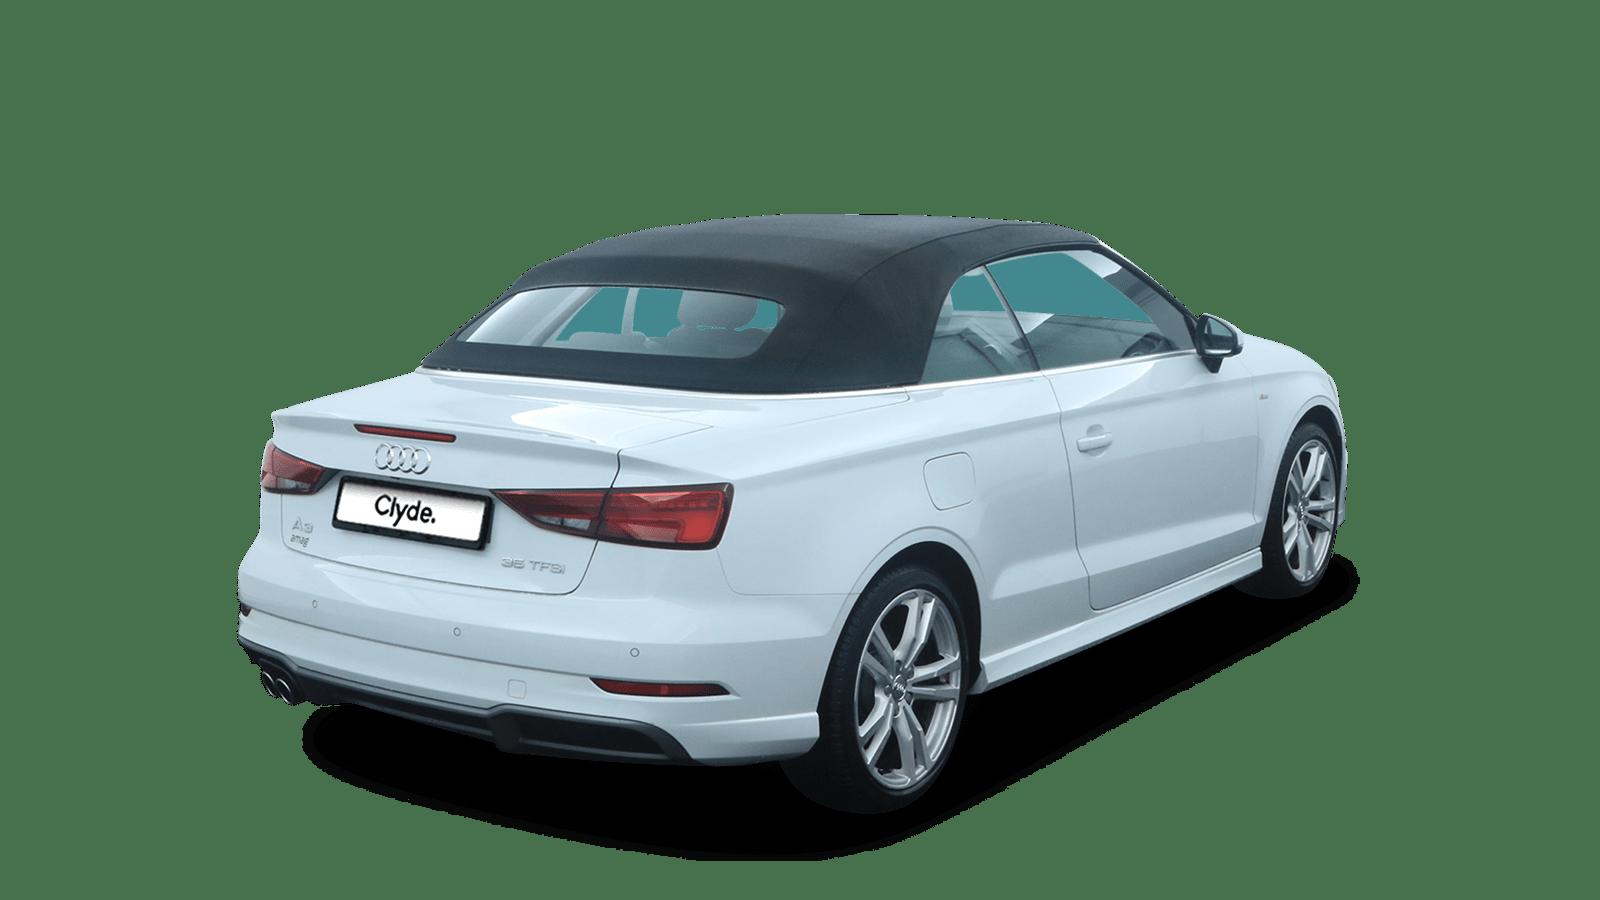 Audi A3 Cabriolet Weiss rückansicht - Clyde Auto-Abo